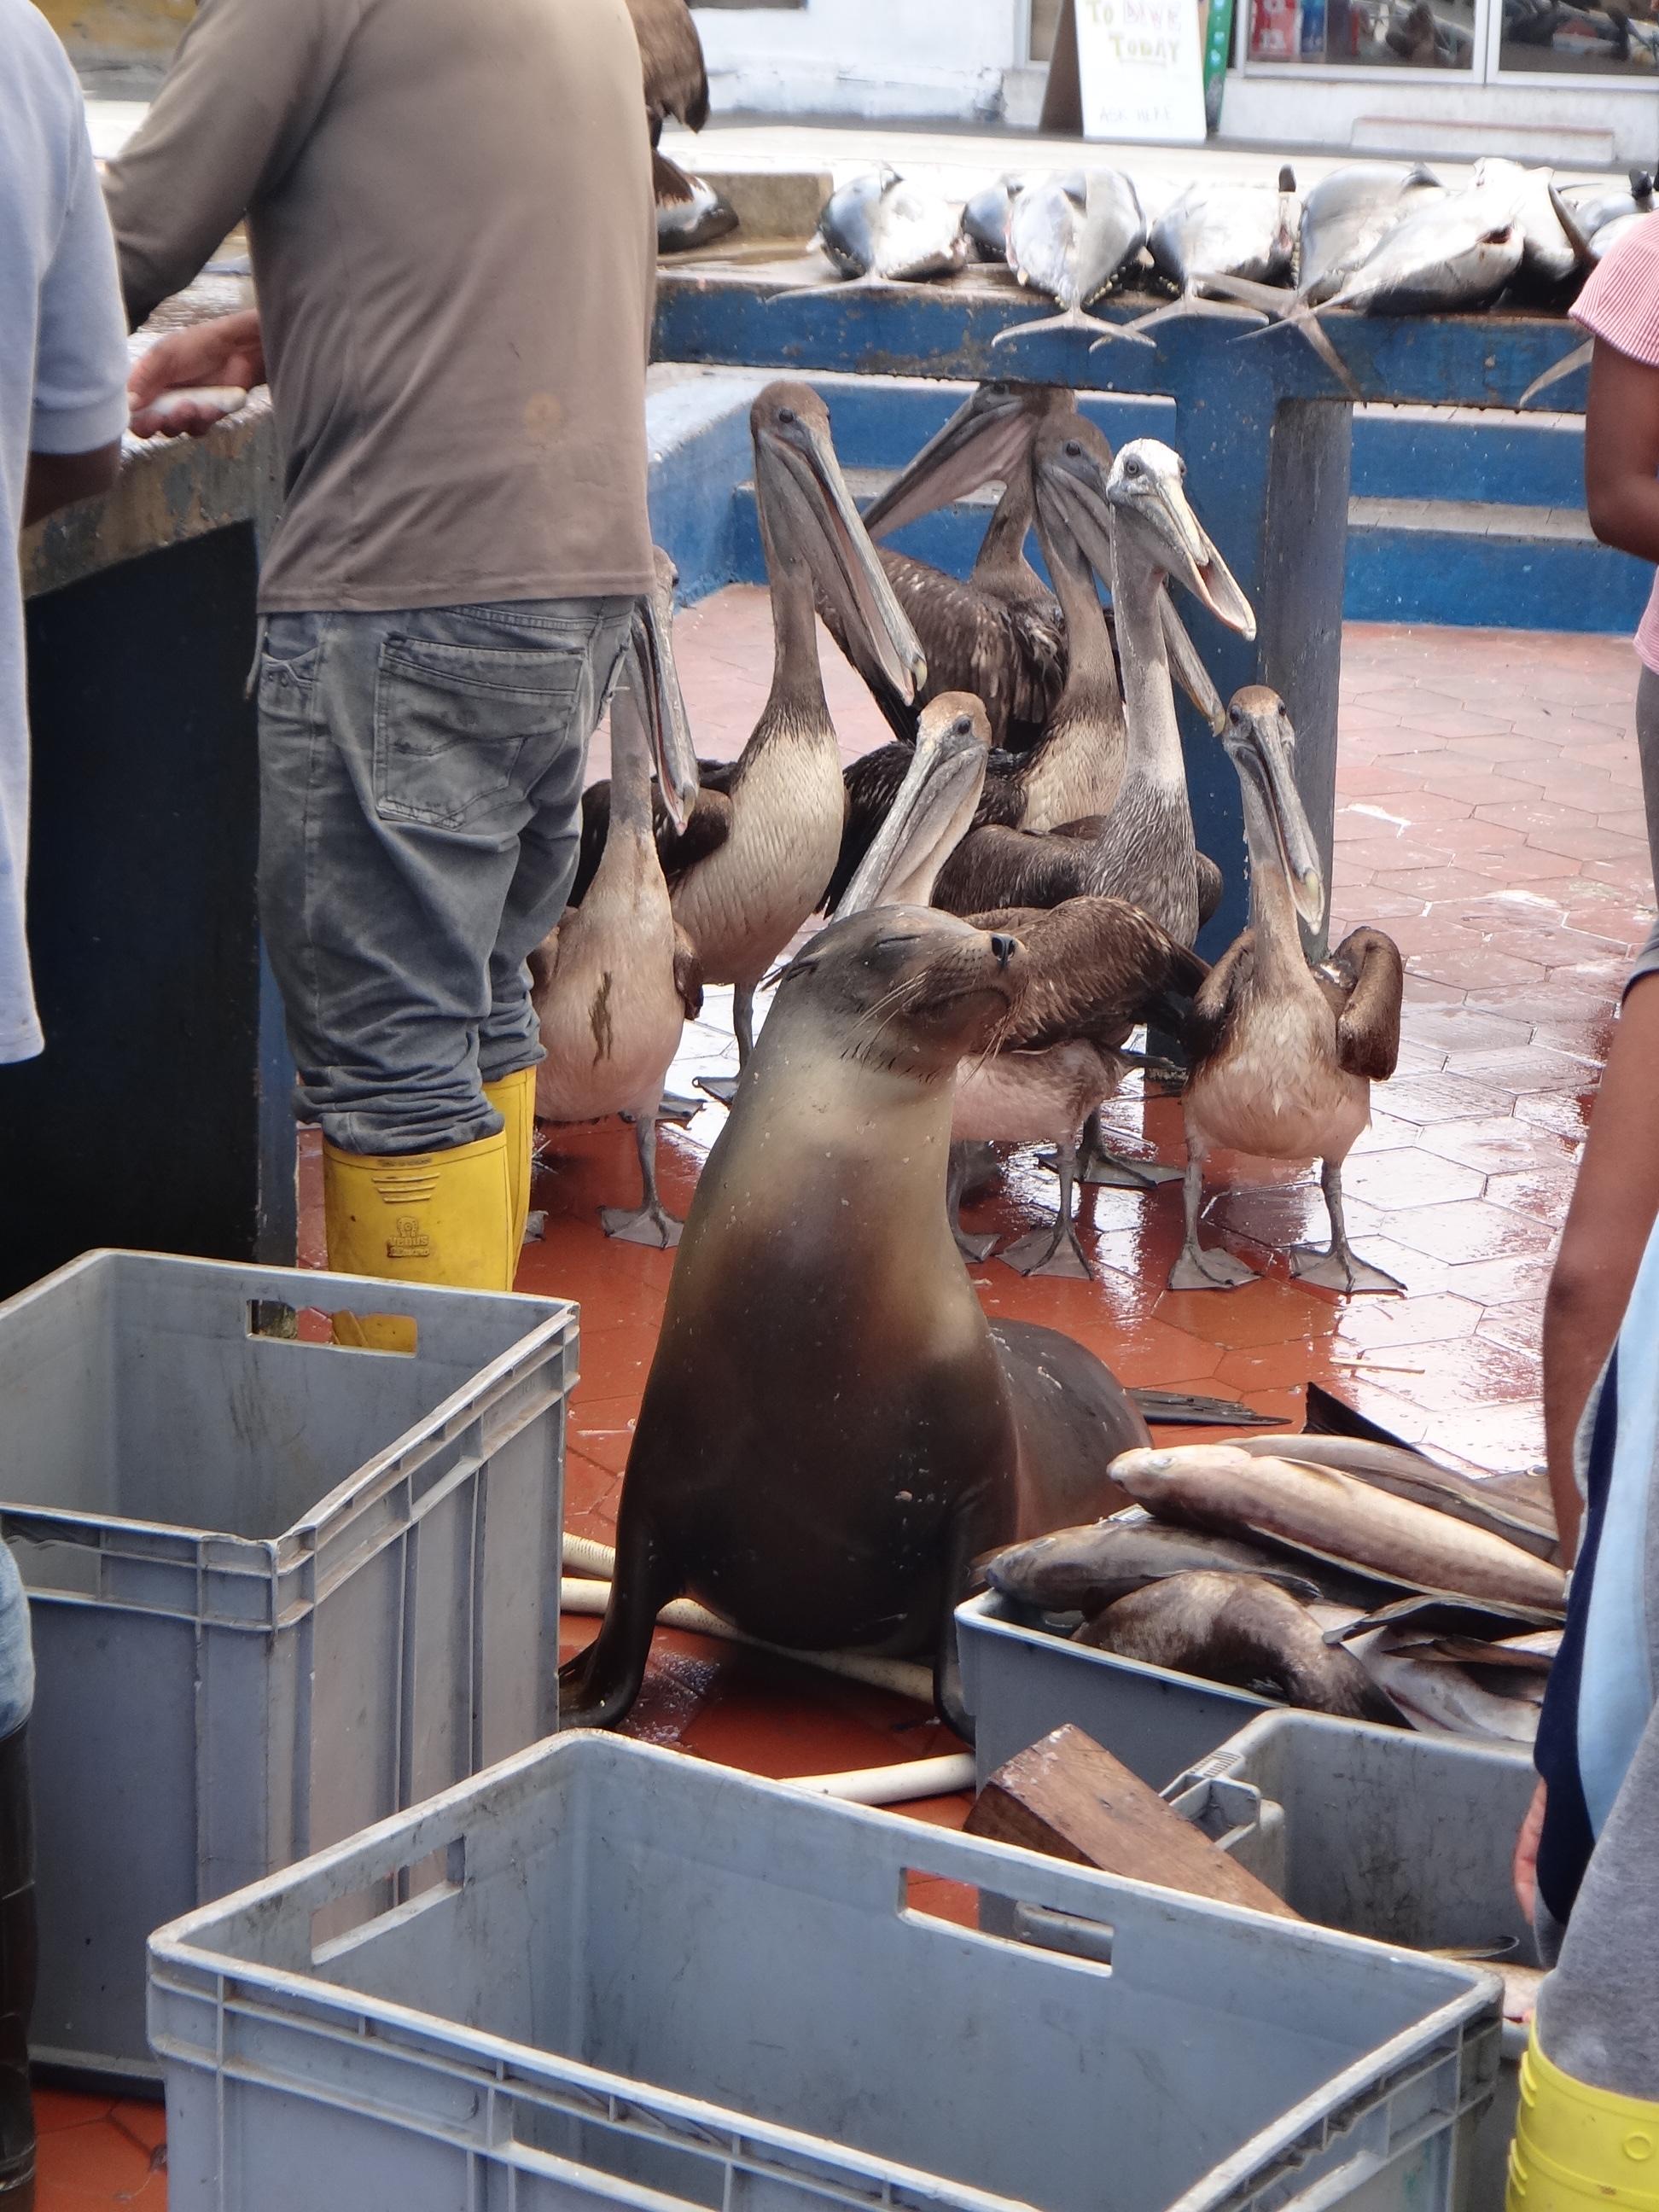 Ecuador_Galapagos Islands_Isla Santa Cruz_fish market in Puerto Ayora